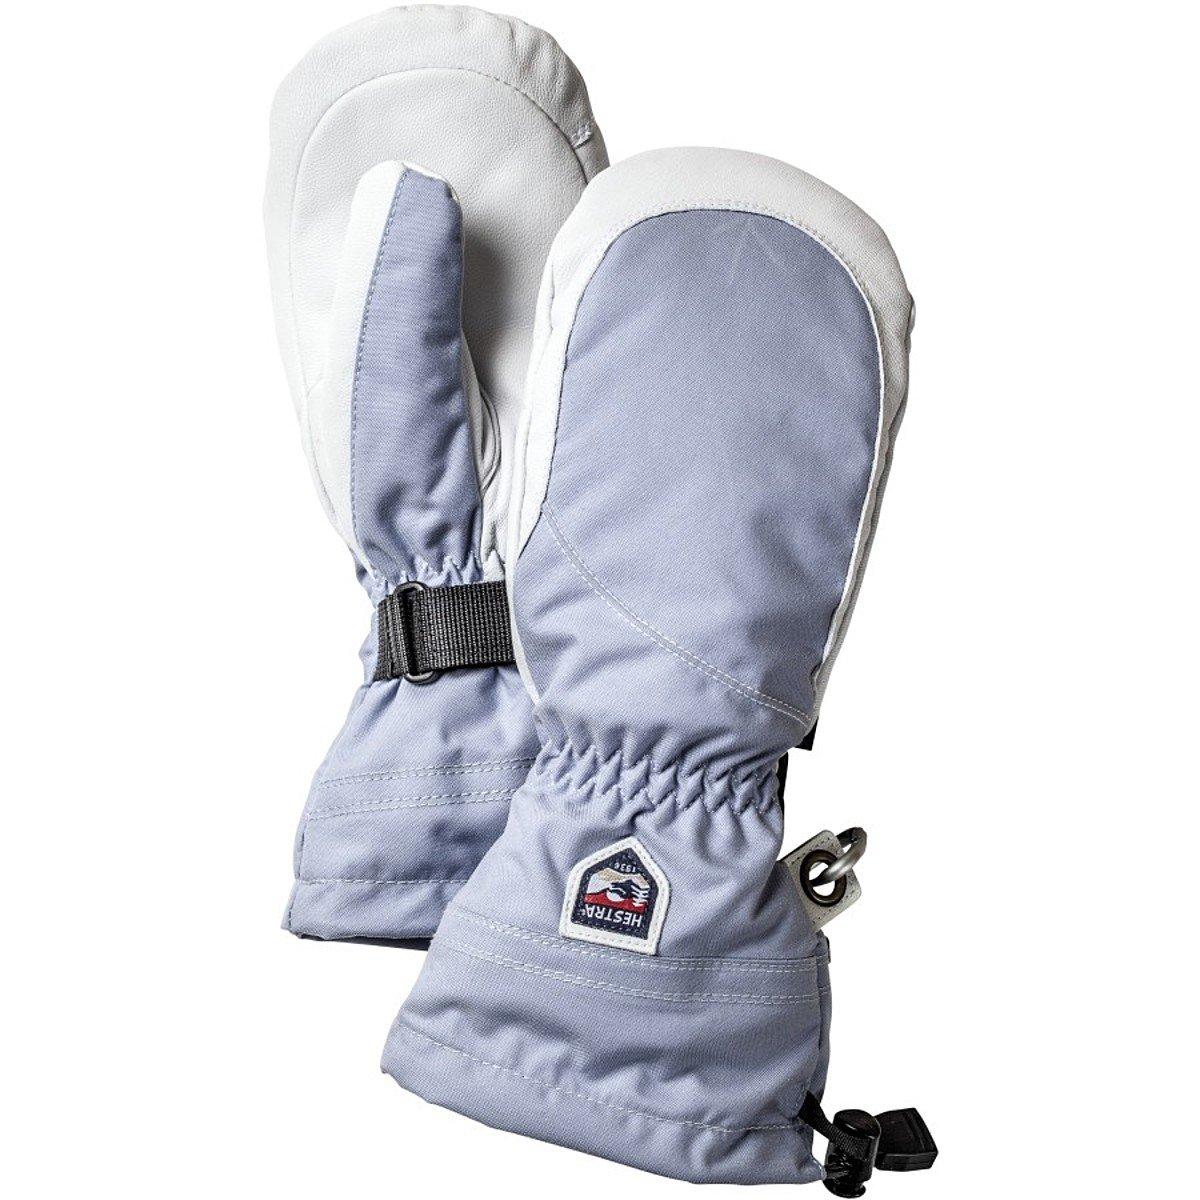 Hestra Gloves 30611 Women's Heli Mitt, Ice Blue/Offwhite - 6